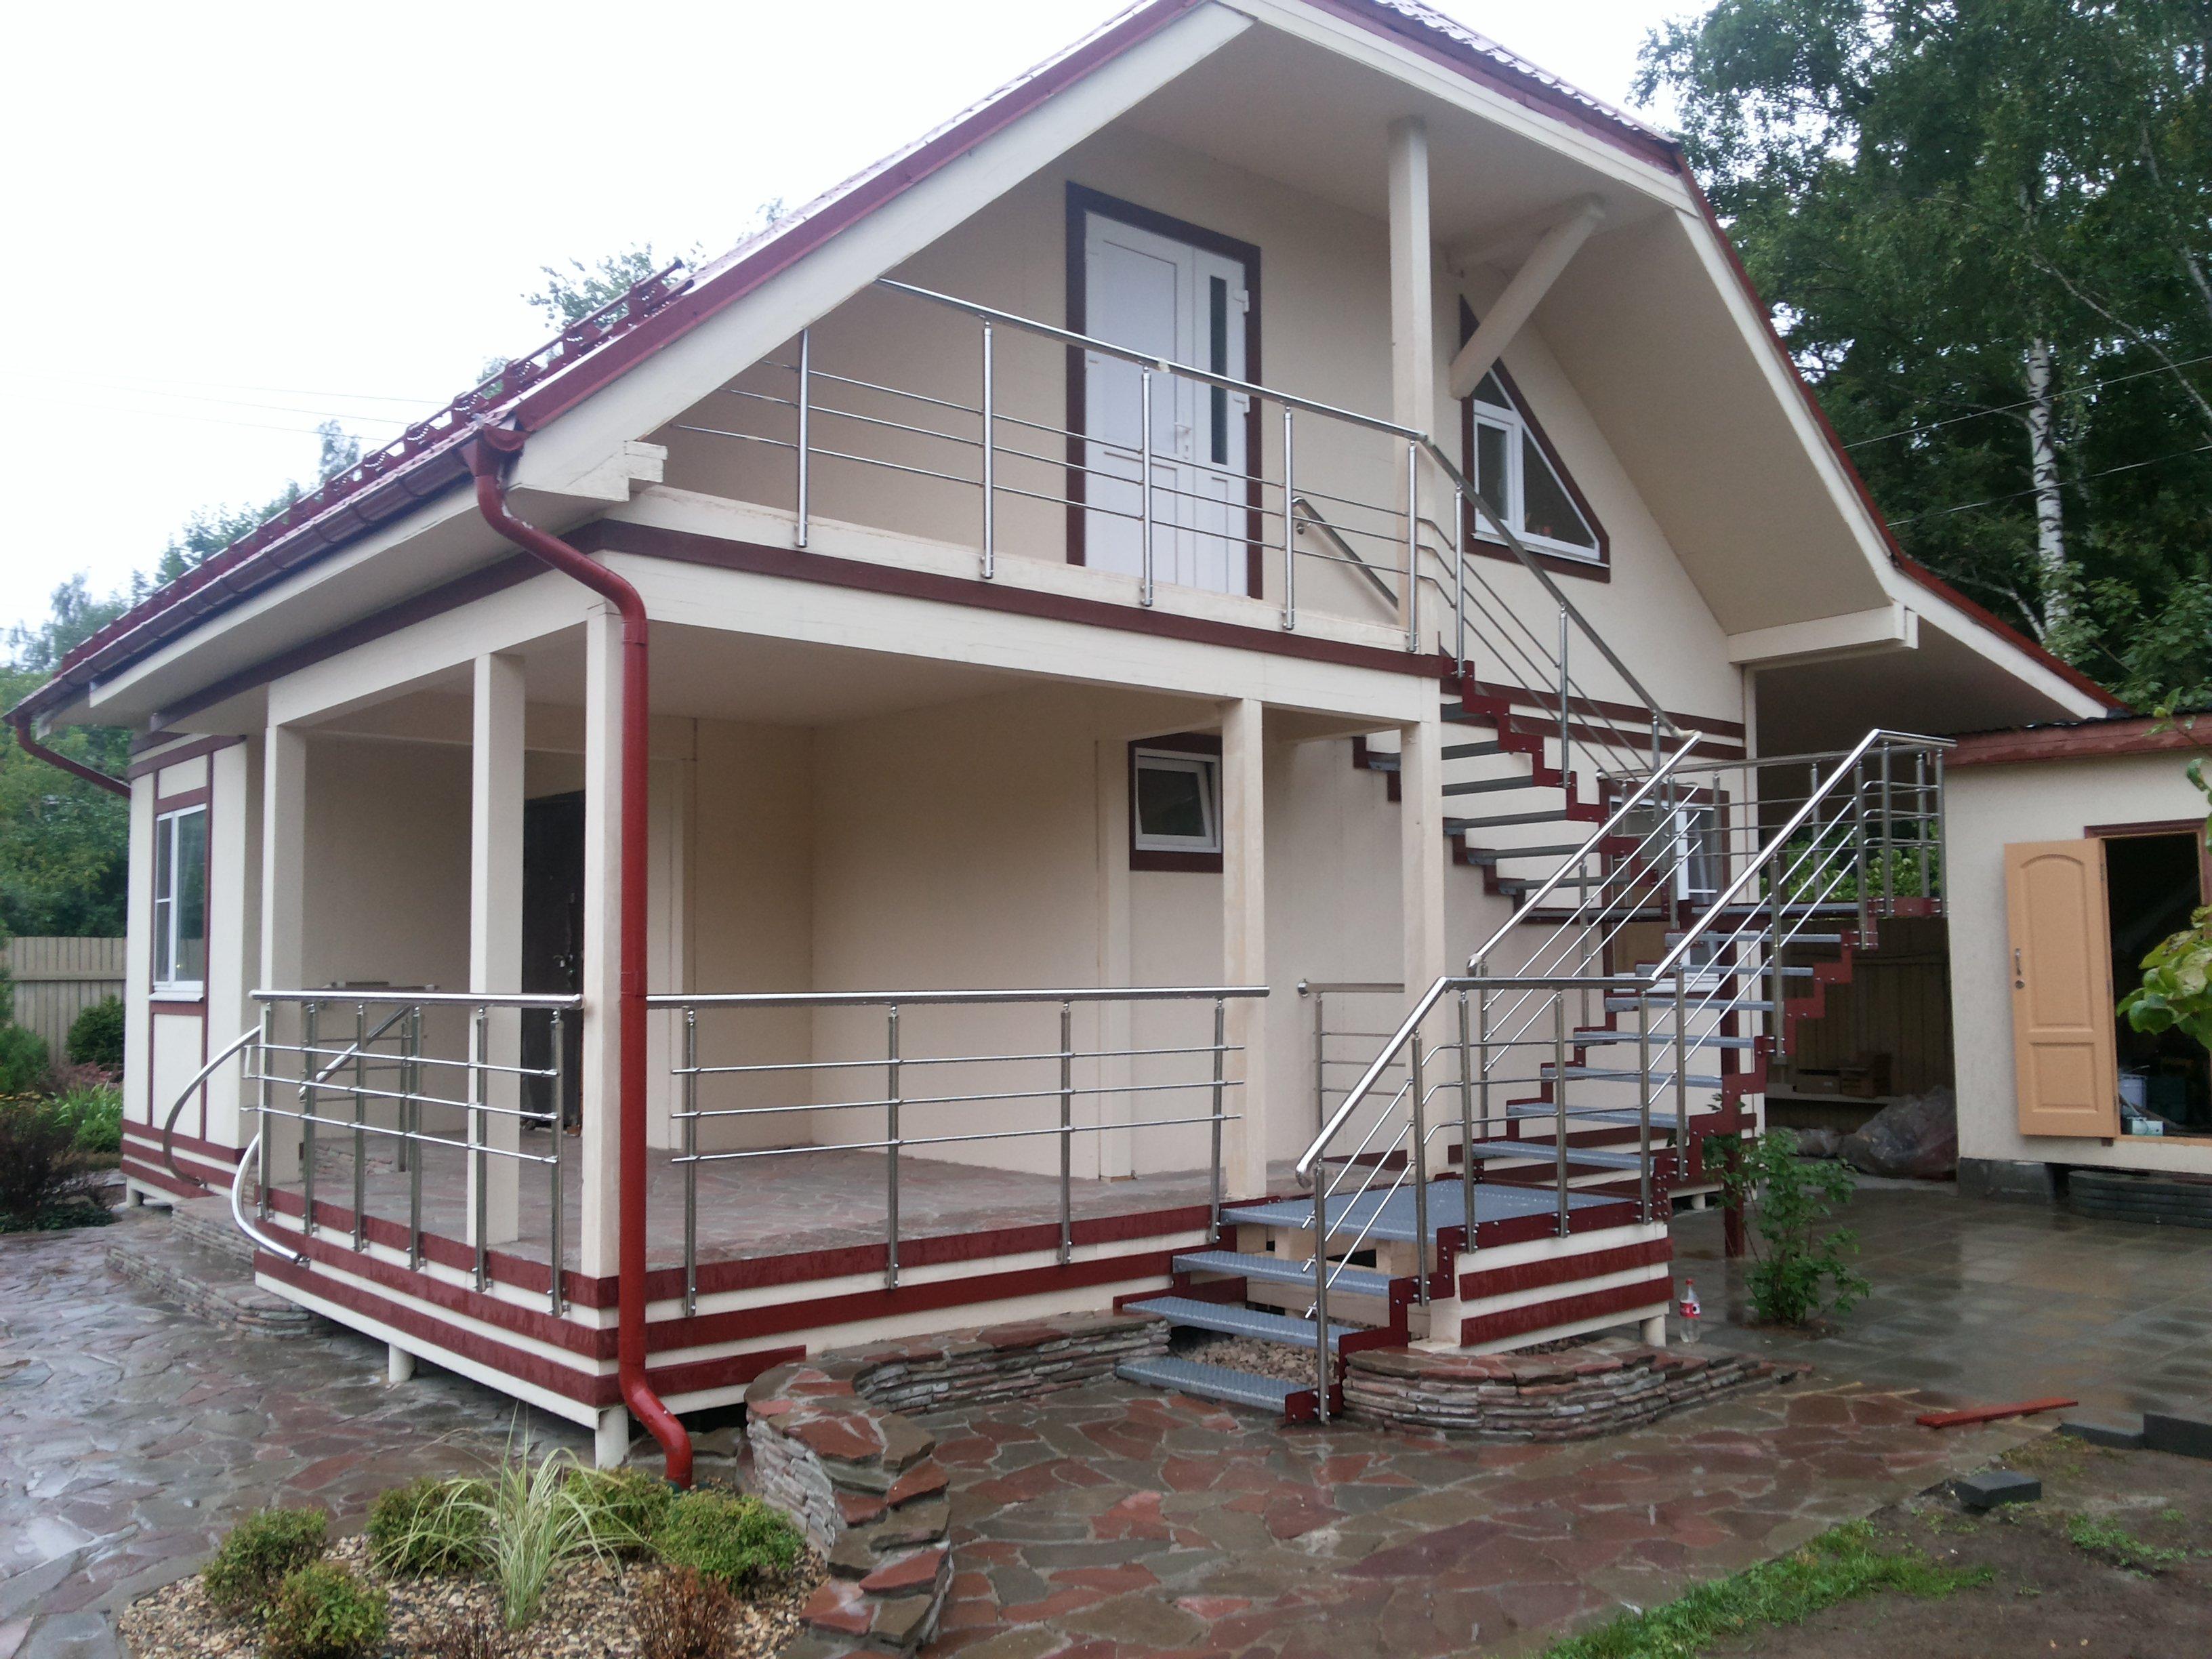 Дом с лестницей, ведущей на второй этаж